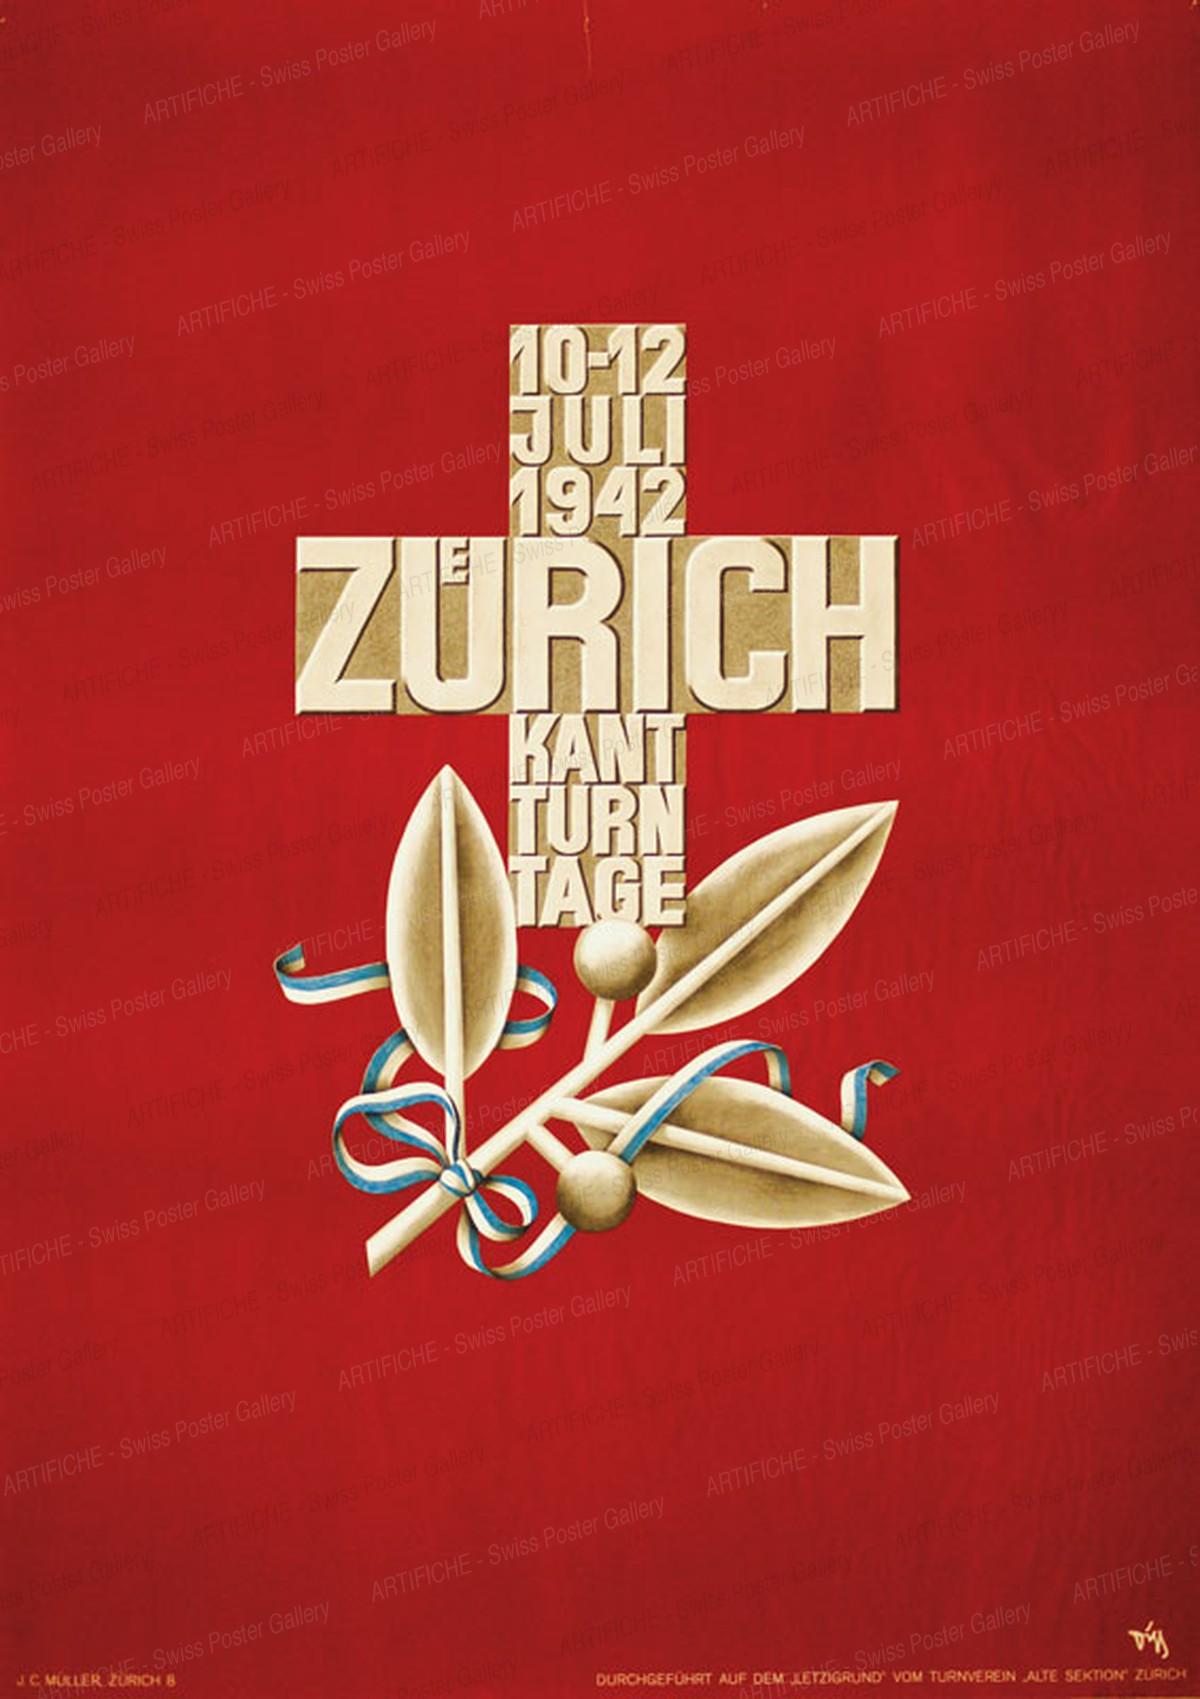 Zürich Kant. Turntage 1942, Alex Walter Diggelmann